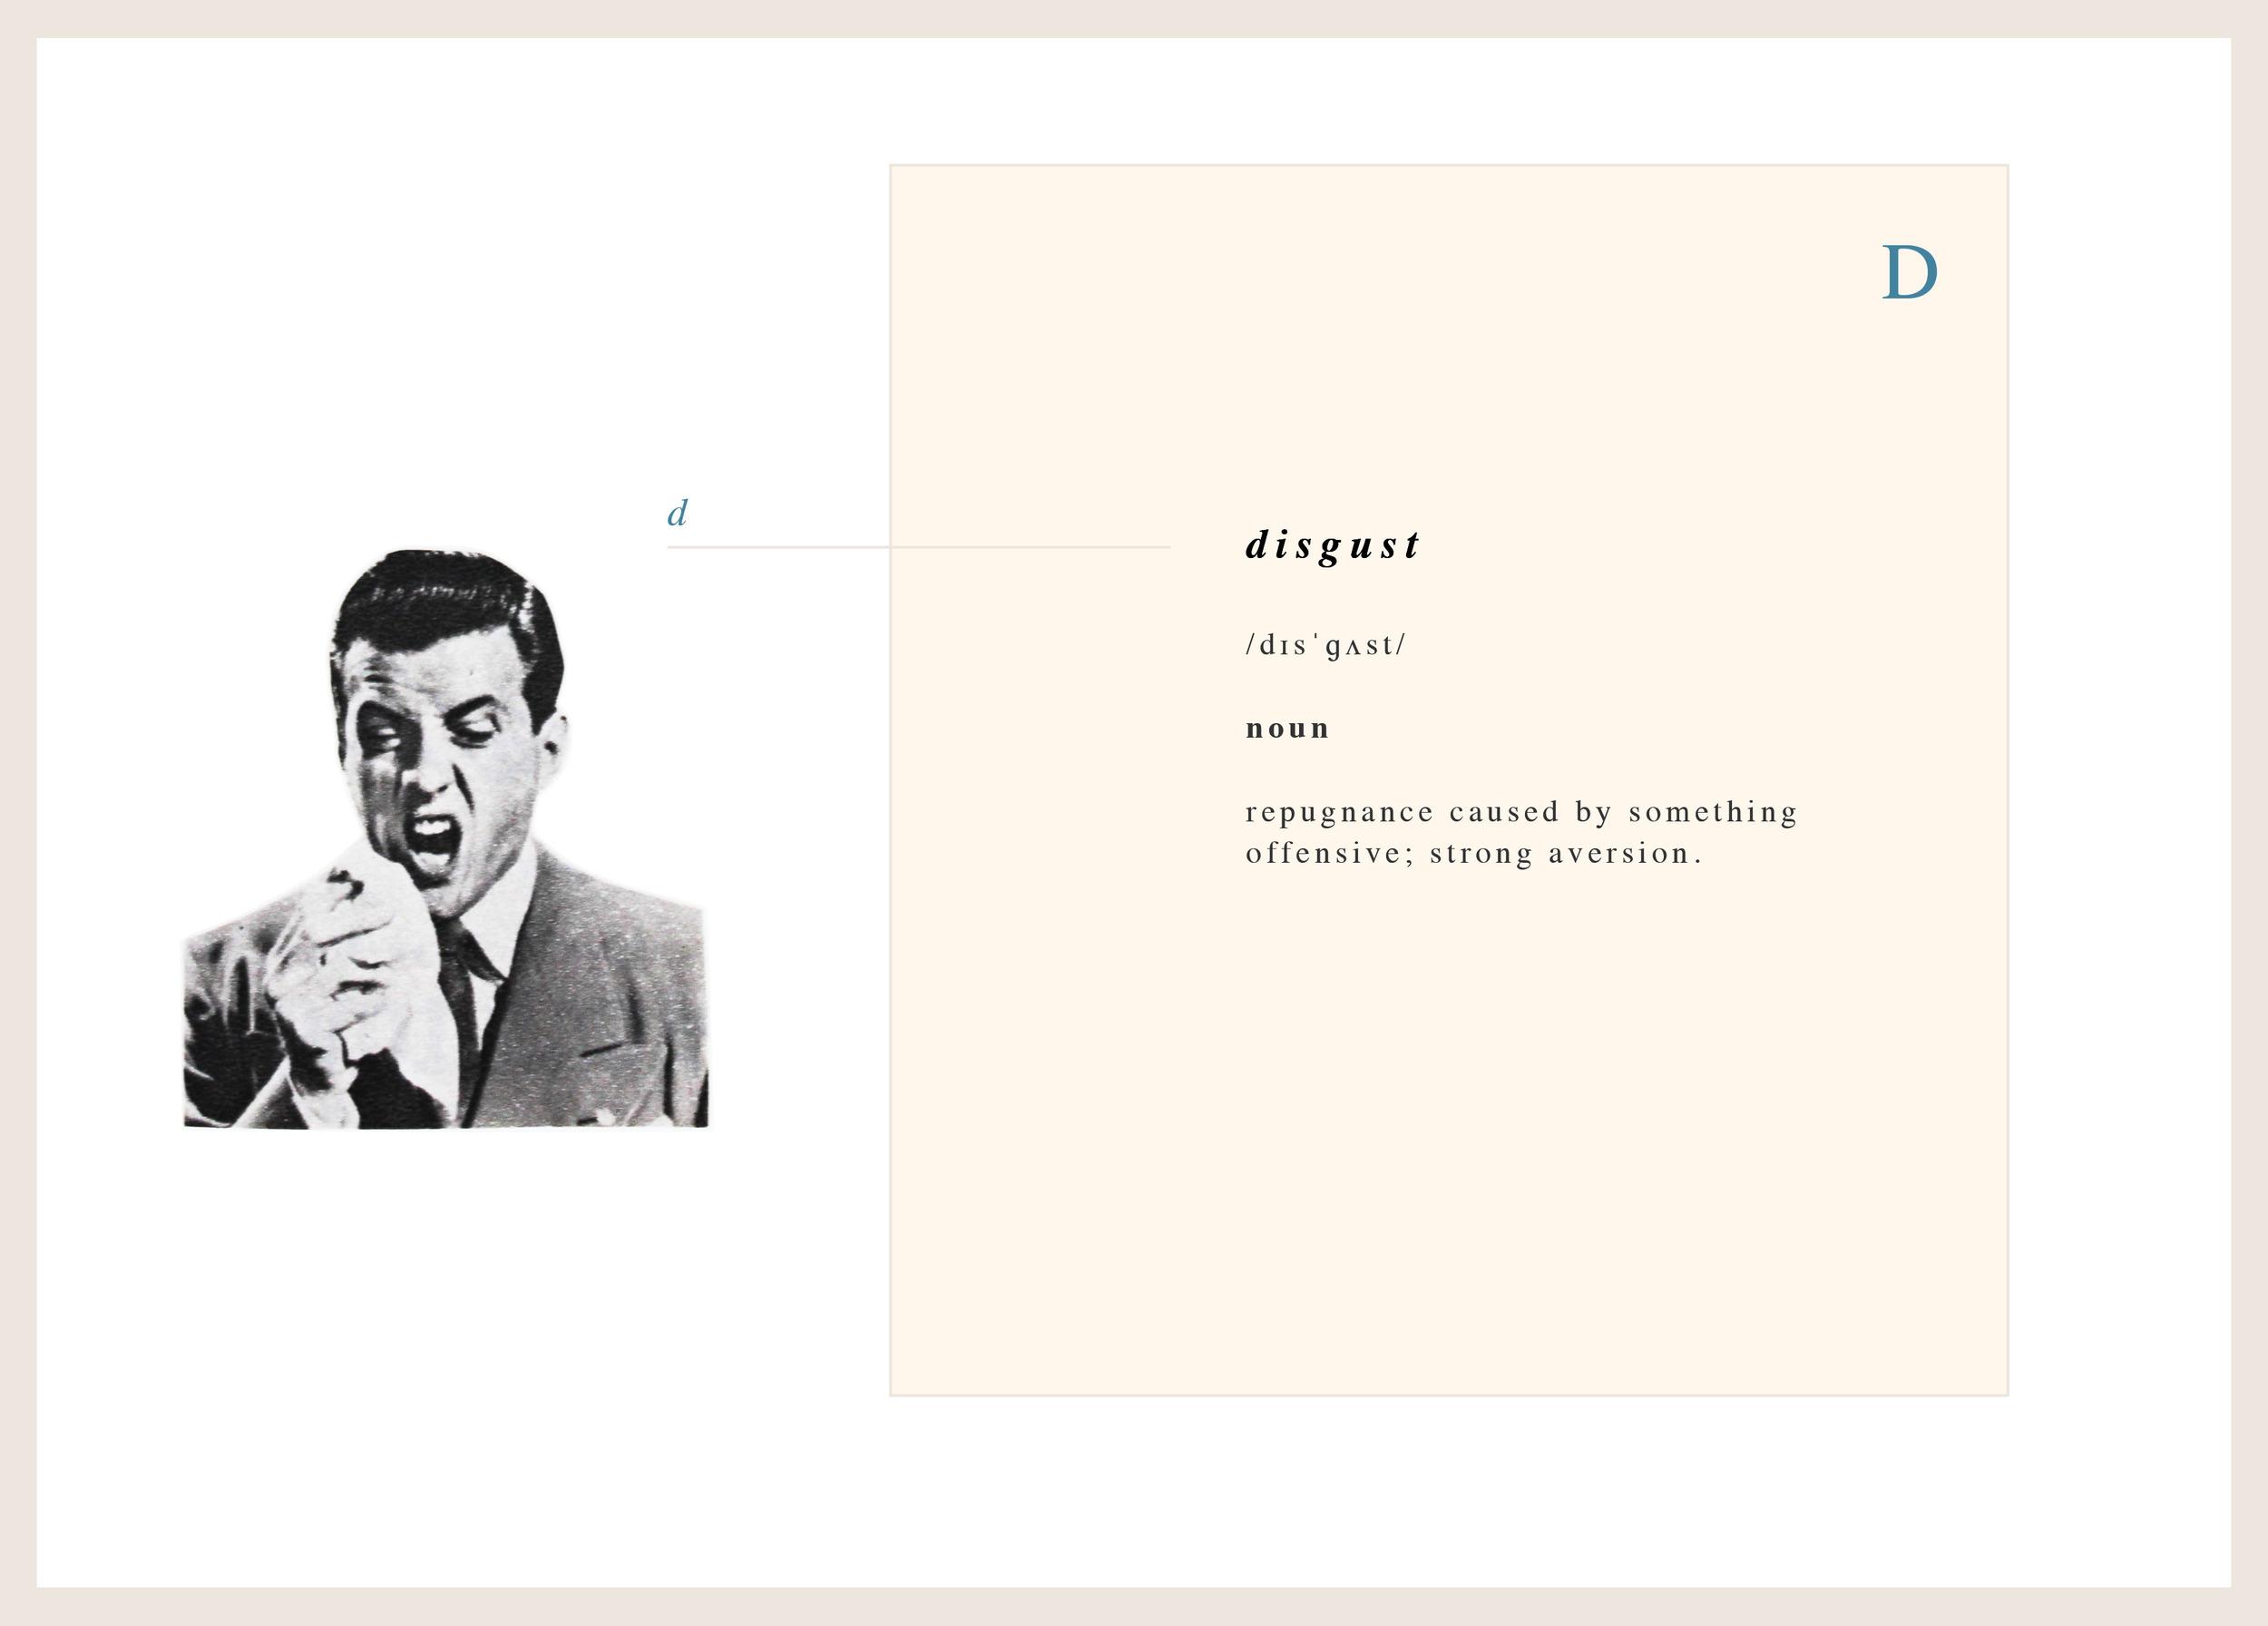 beitz_dict_disgust.jpg